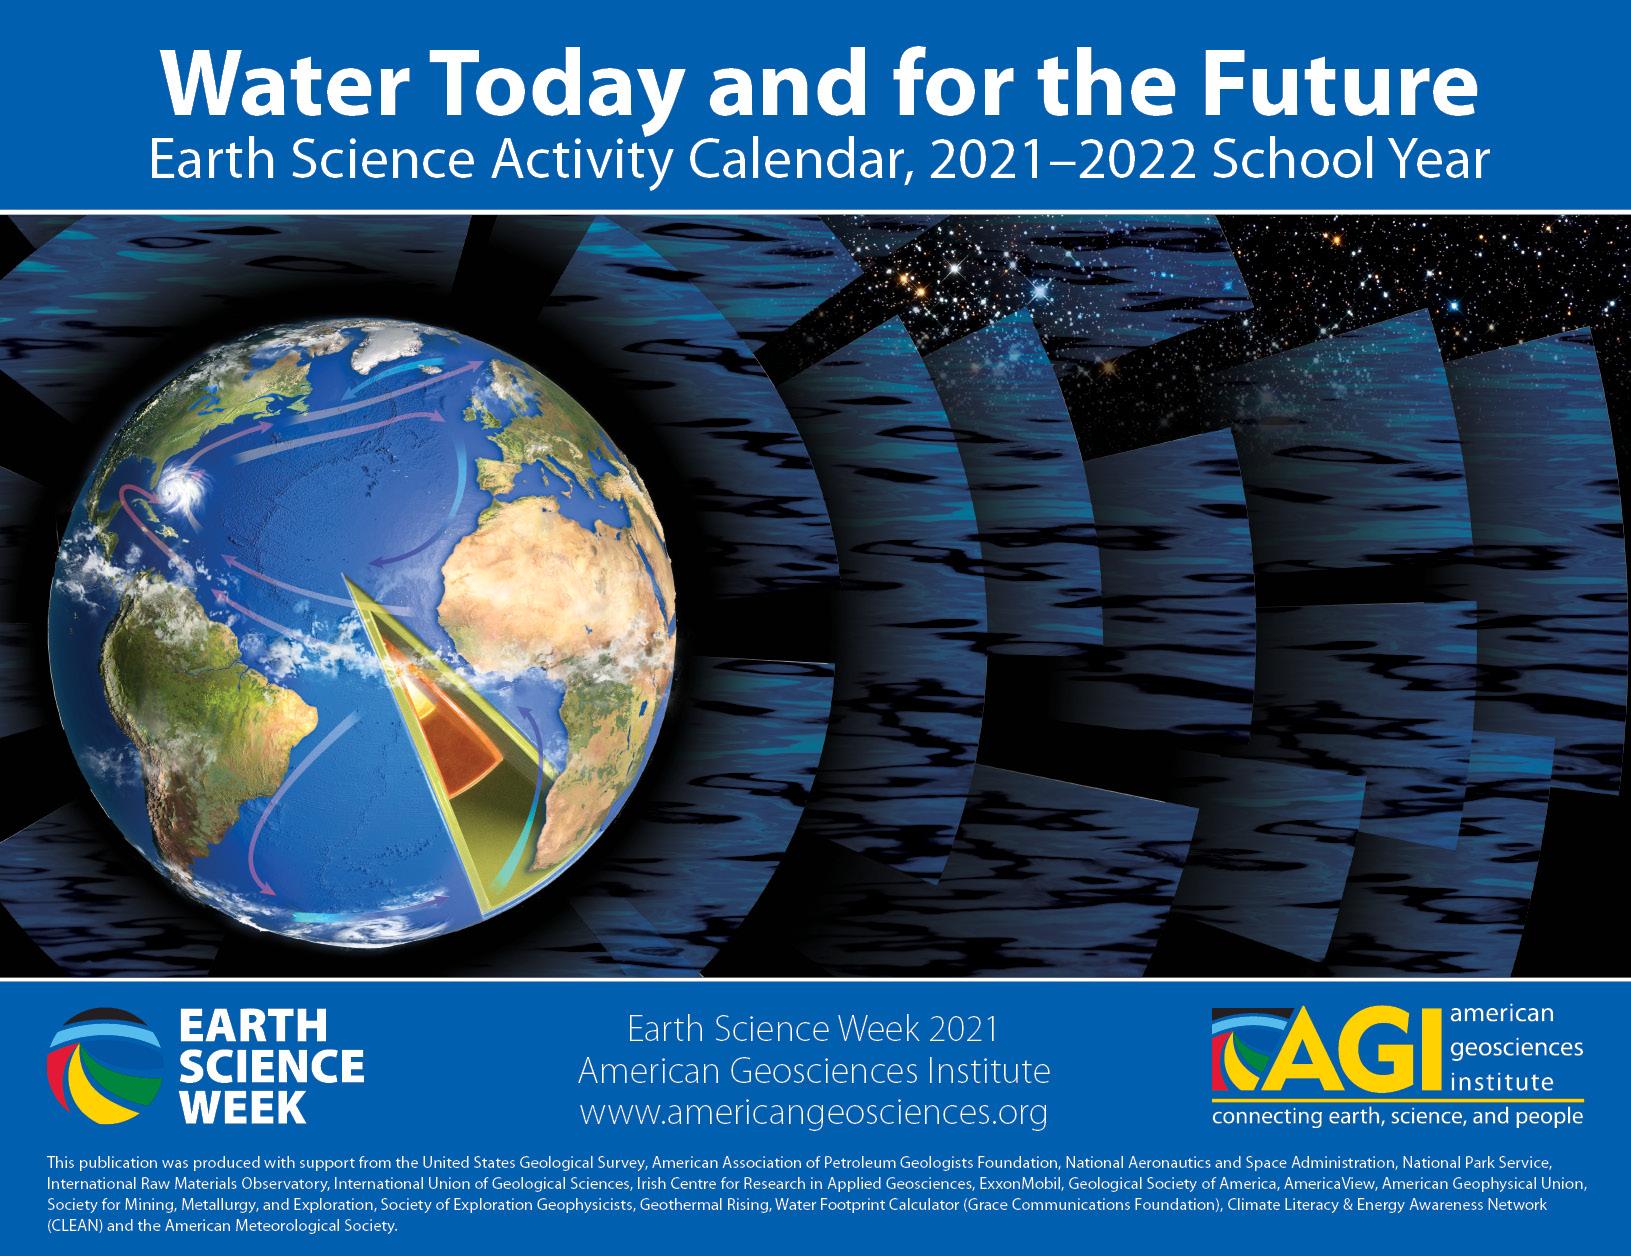 2021-2022 Earth Science Week Calendar